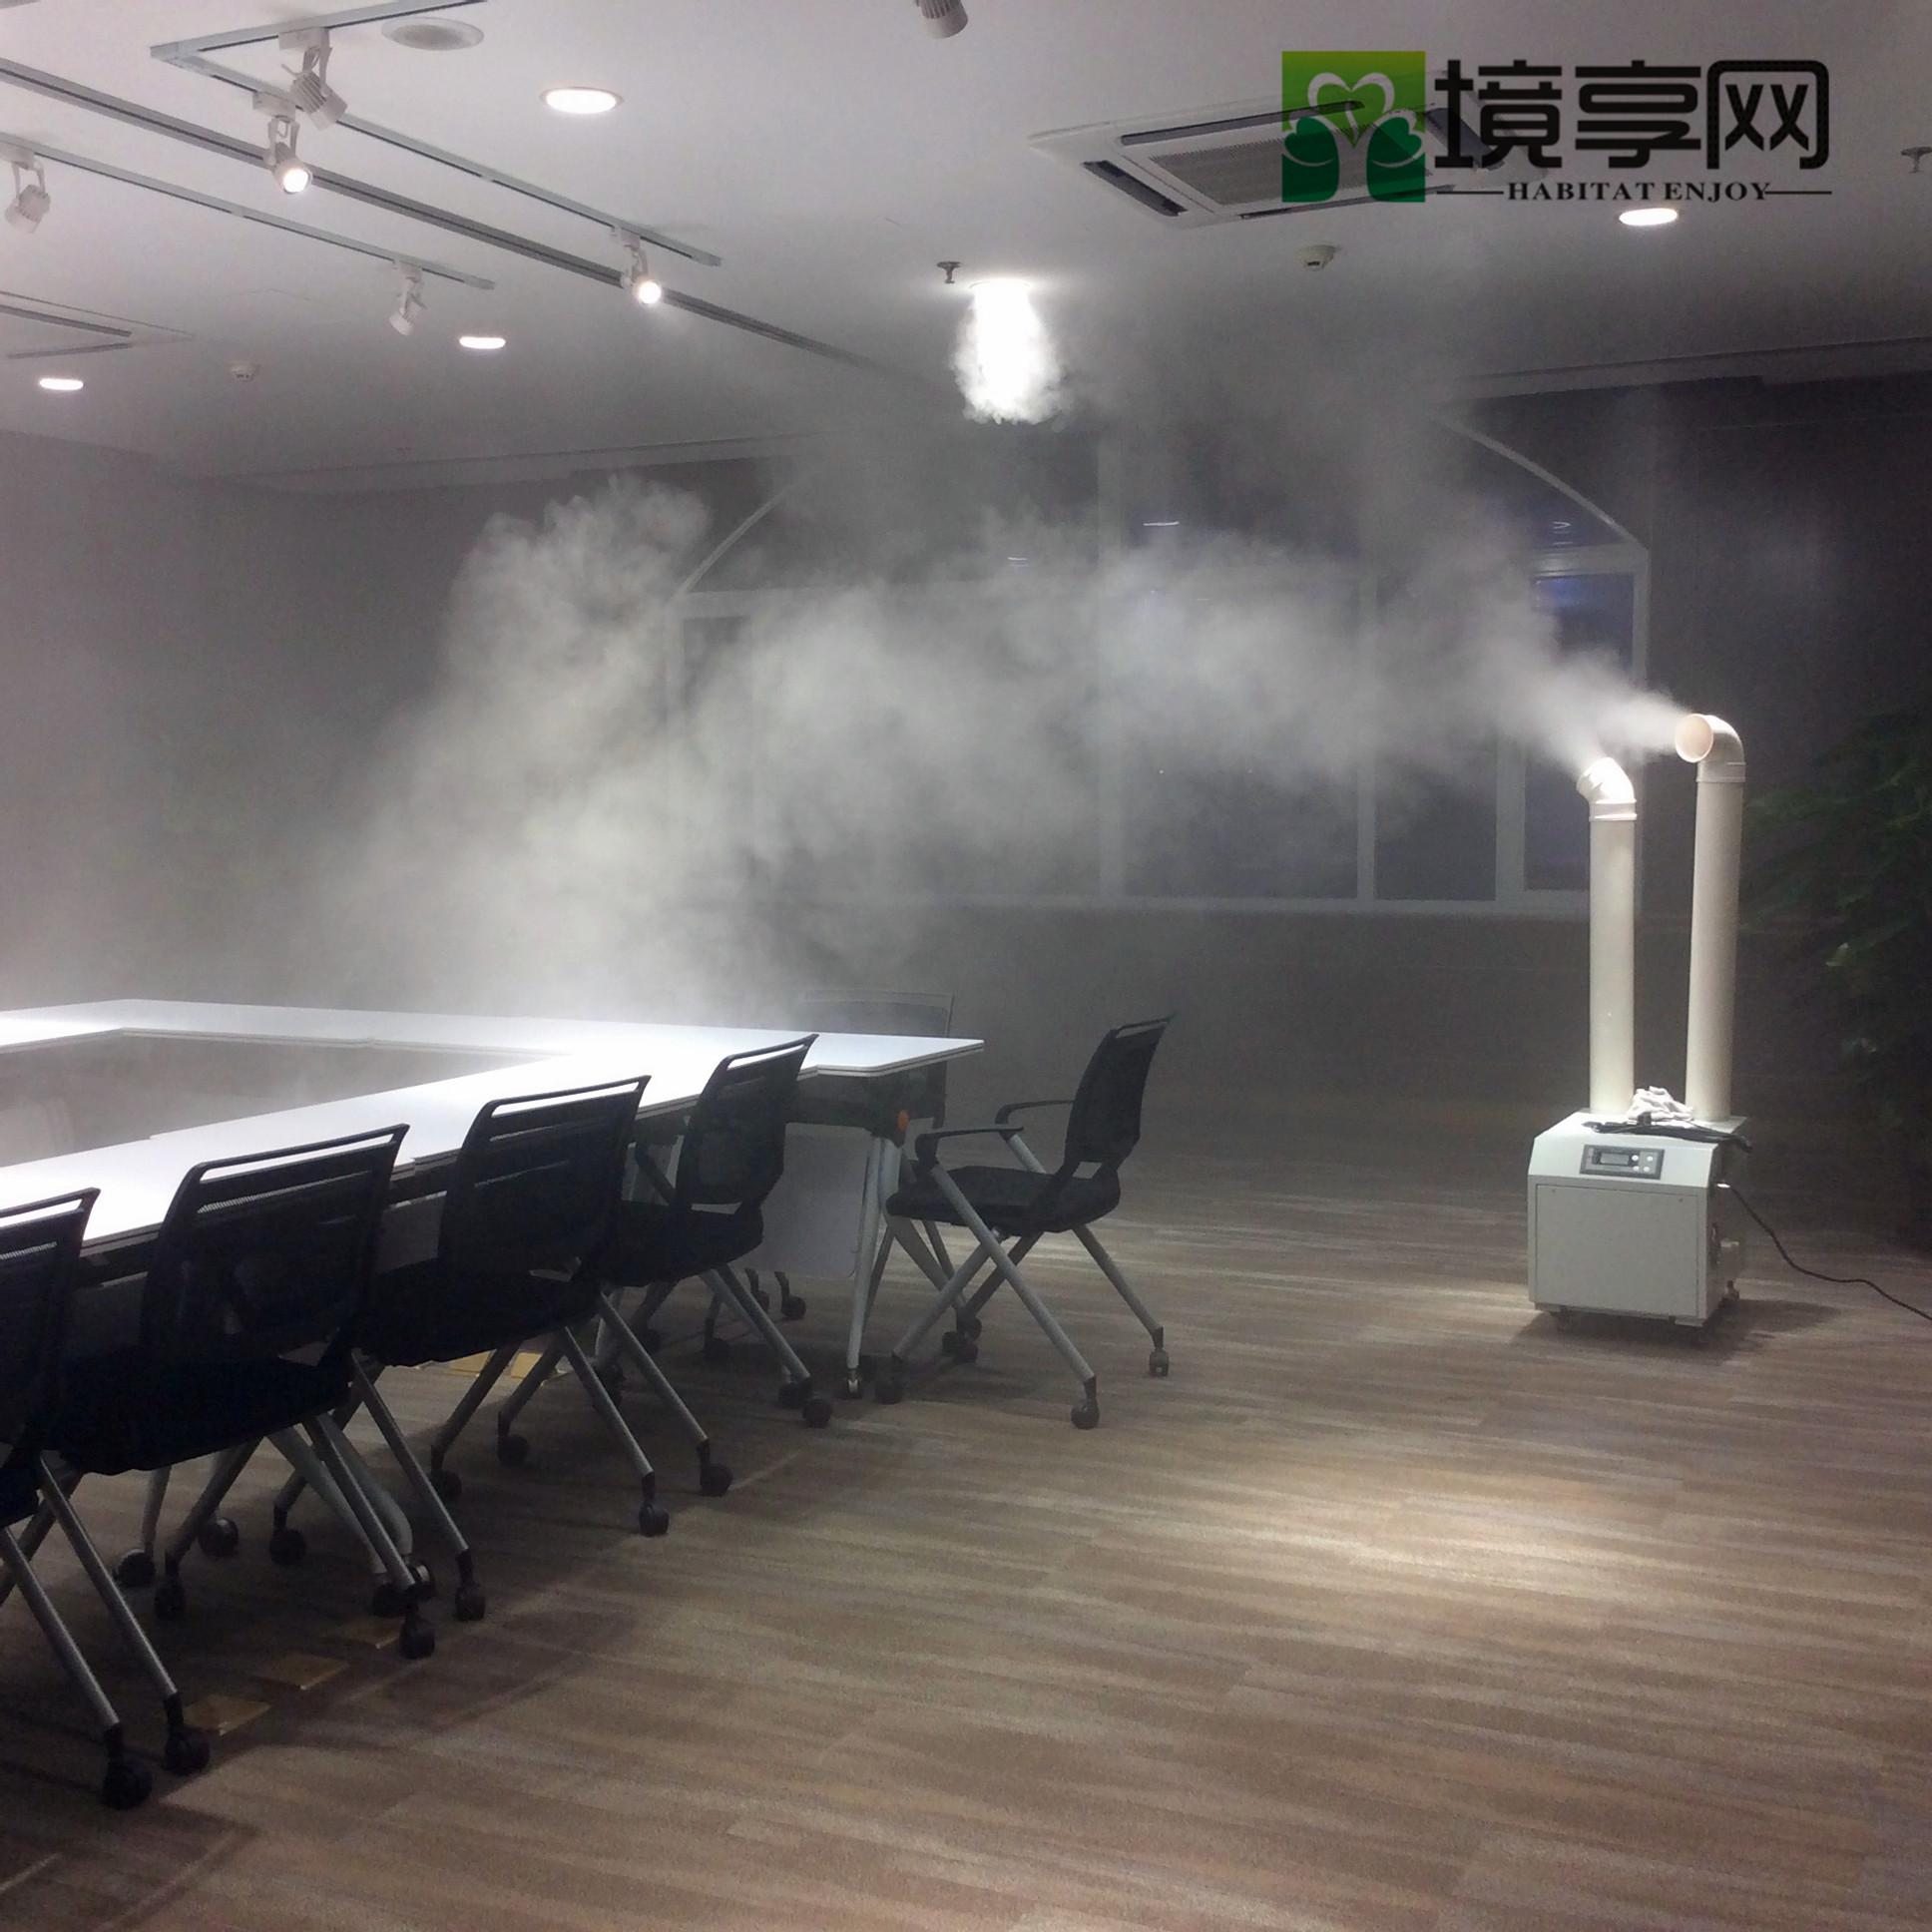 融科中心客户会议室空气净化案例-境享专业办公室除甲醛